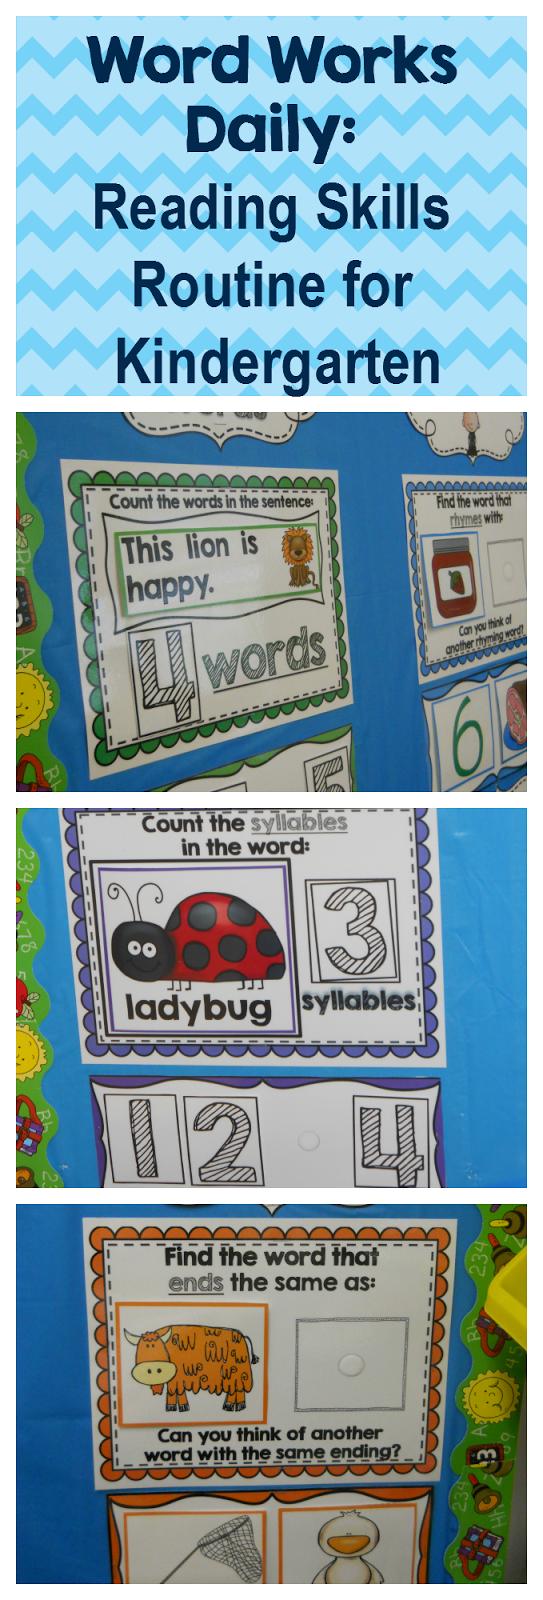 Kindergarten Calendar Math Routine : My kindergarten obsession word works daily reading